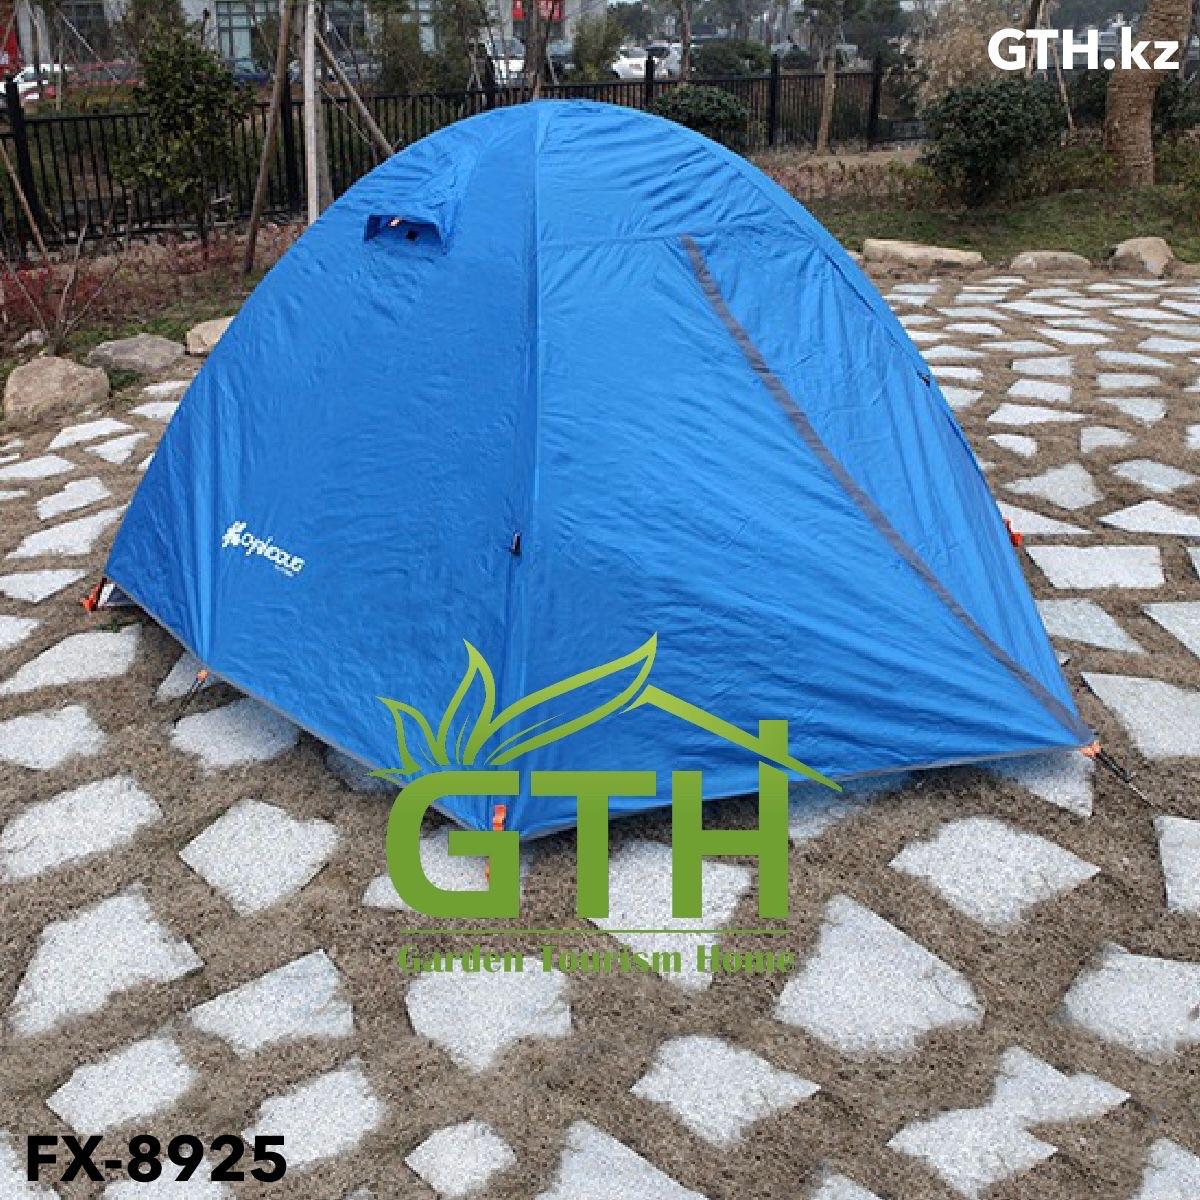 Горные палатки Chanodug FX-8935. Двухместные, двухслойные. Доставка. - фото 3